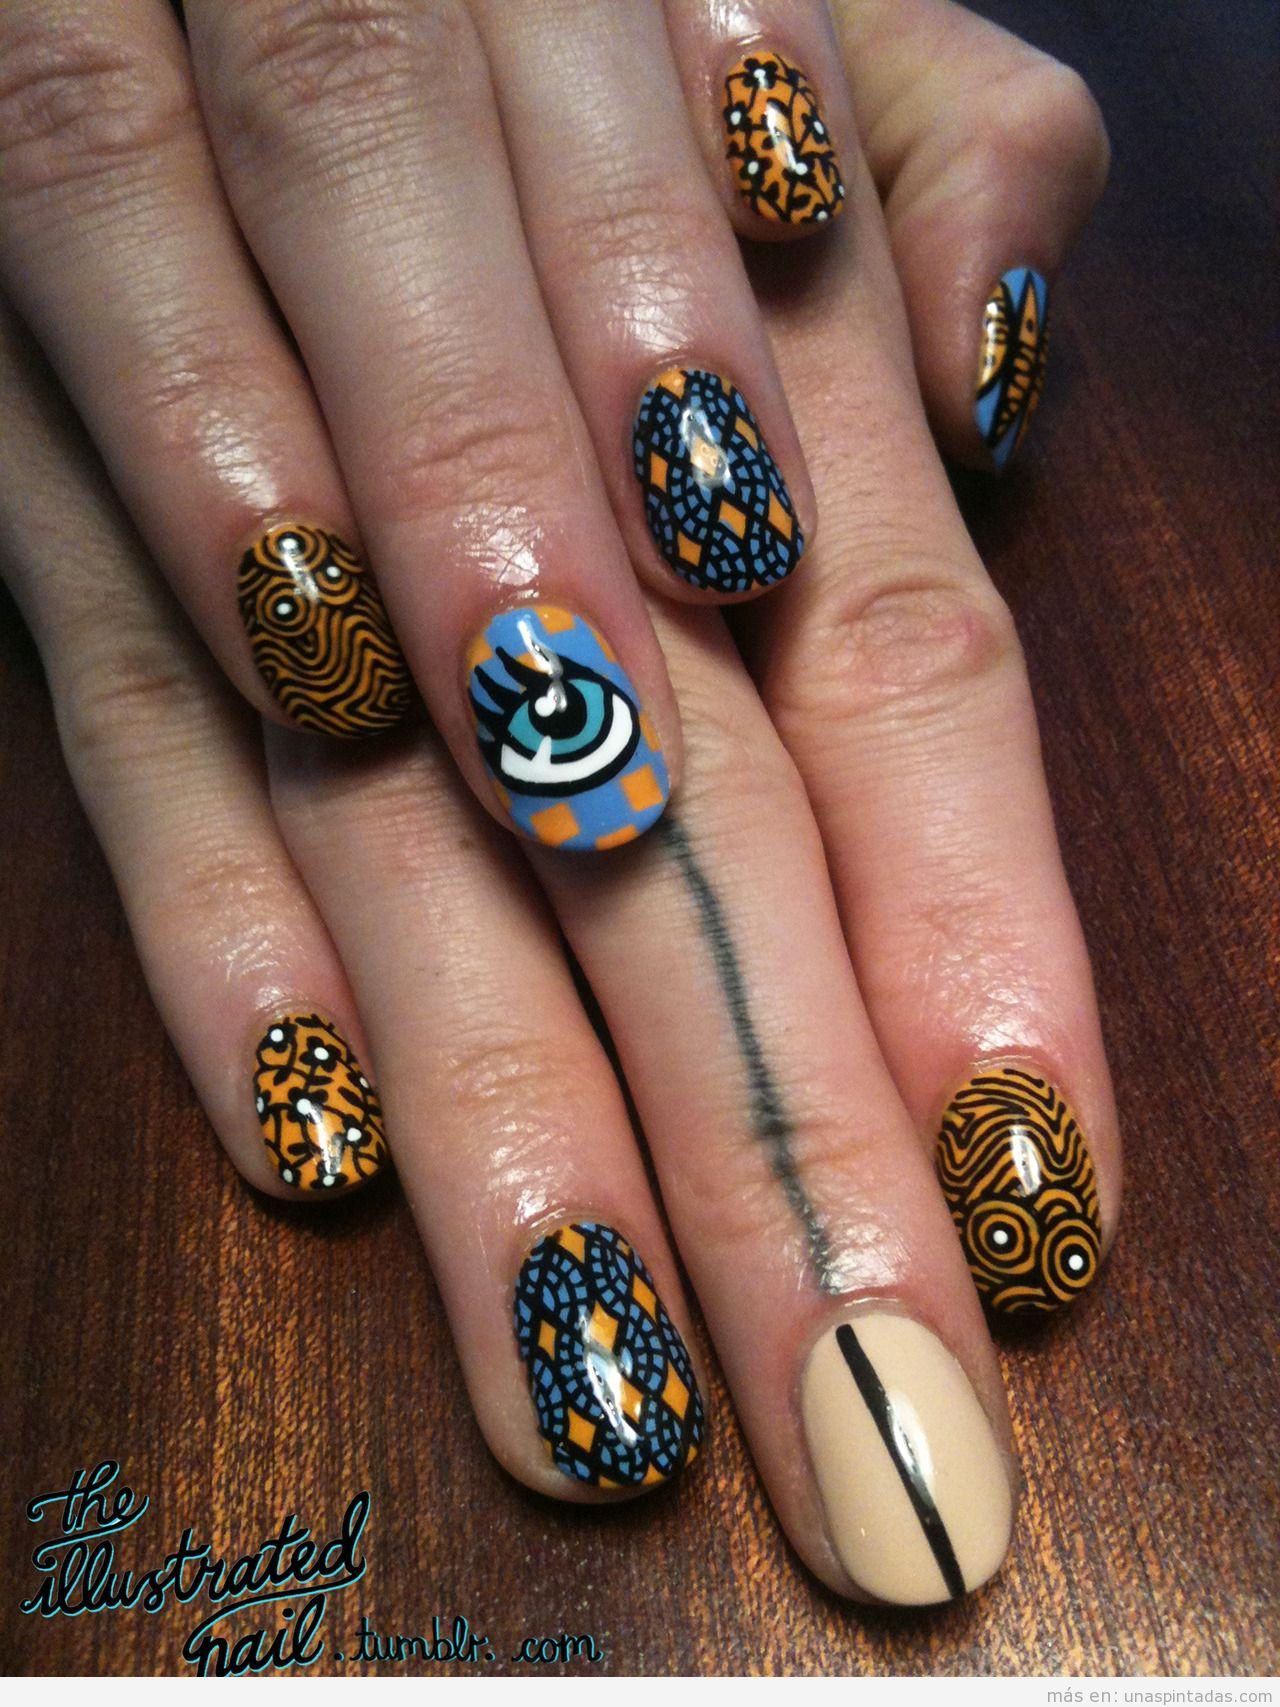 Diseño de uñas con dibujos increíbles inspirado en la India